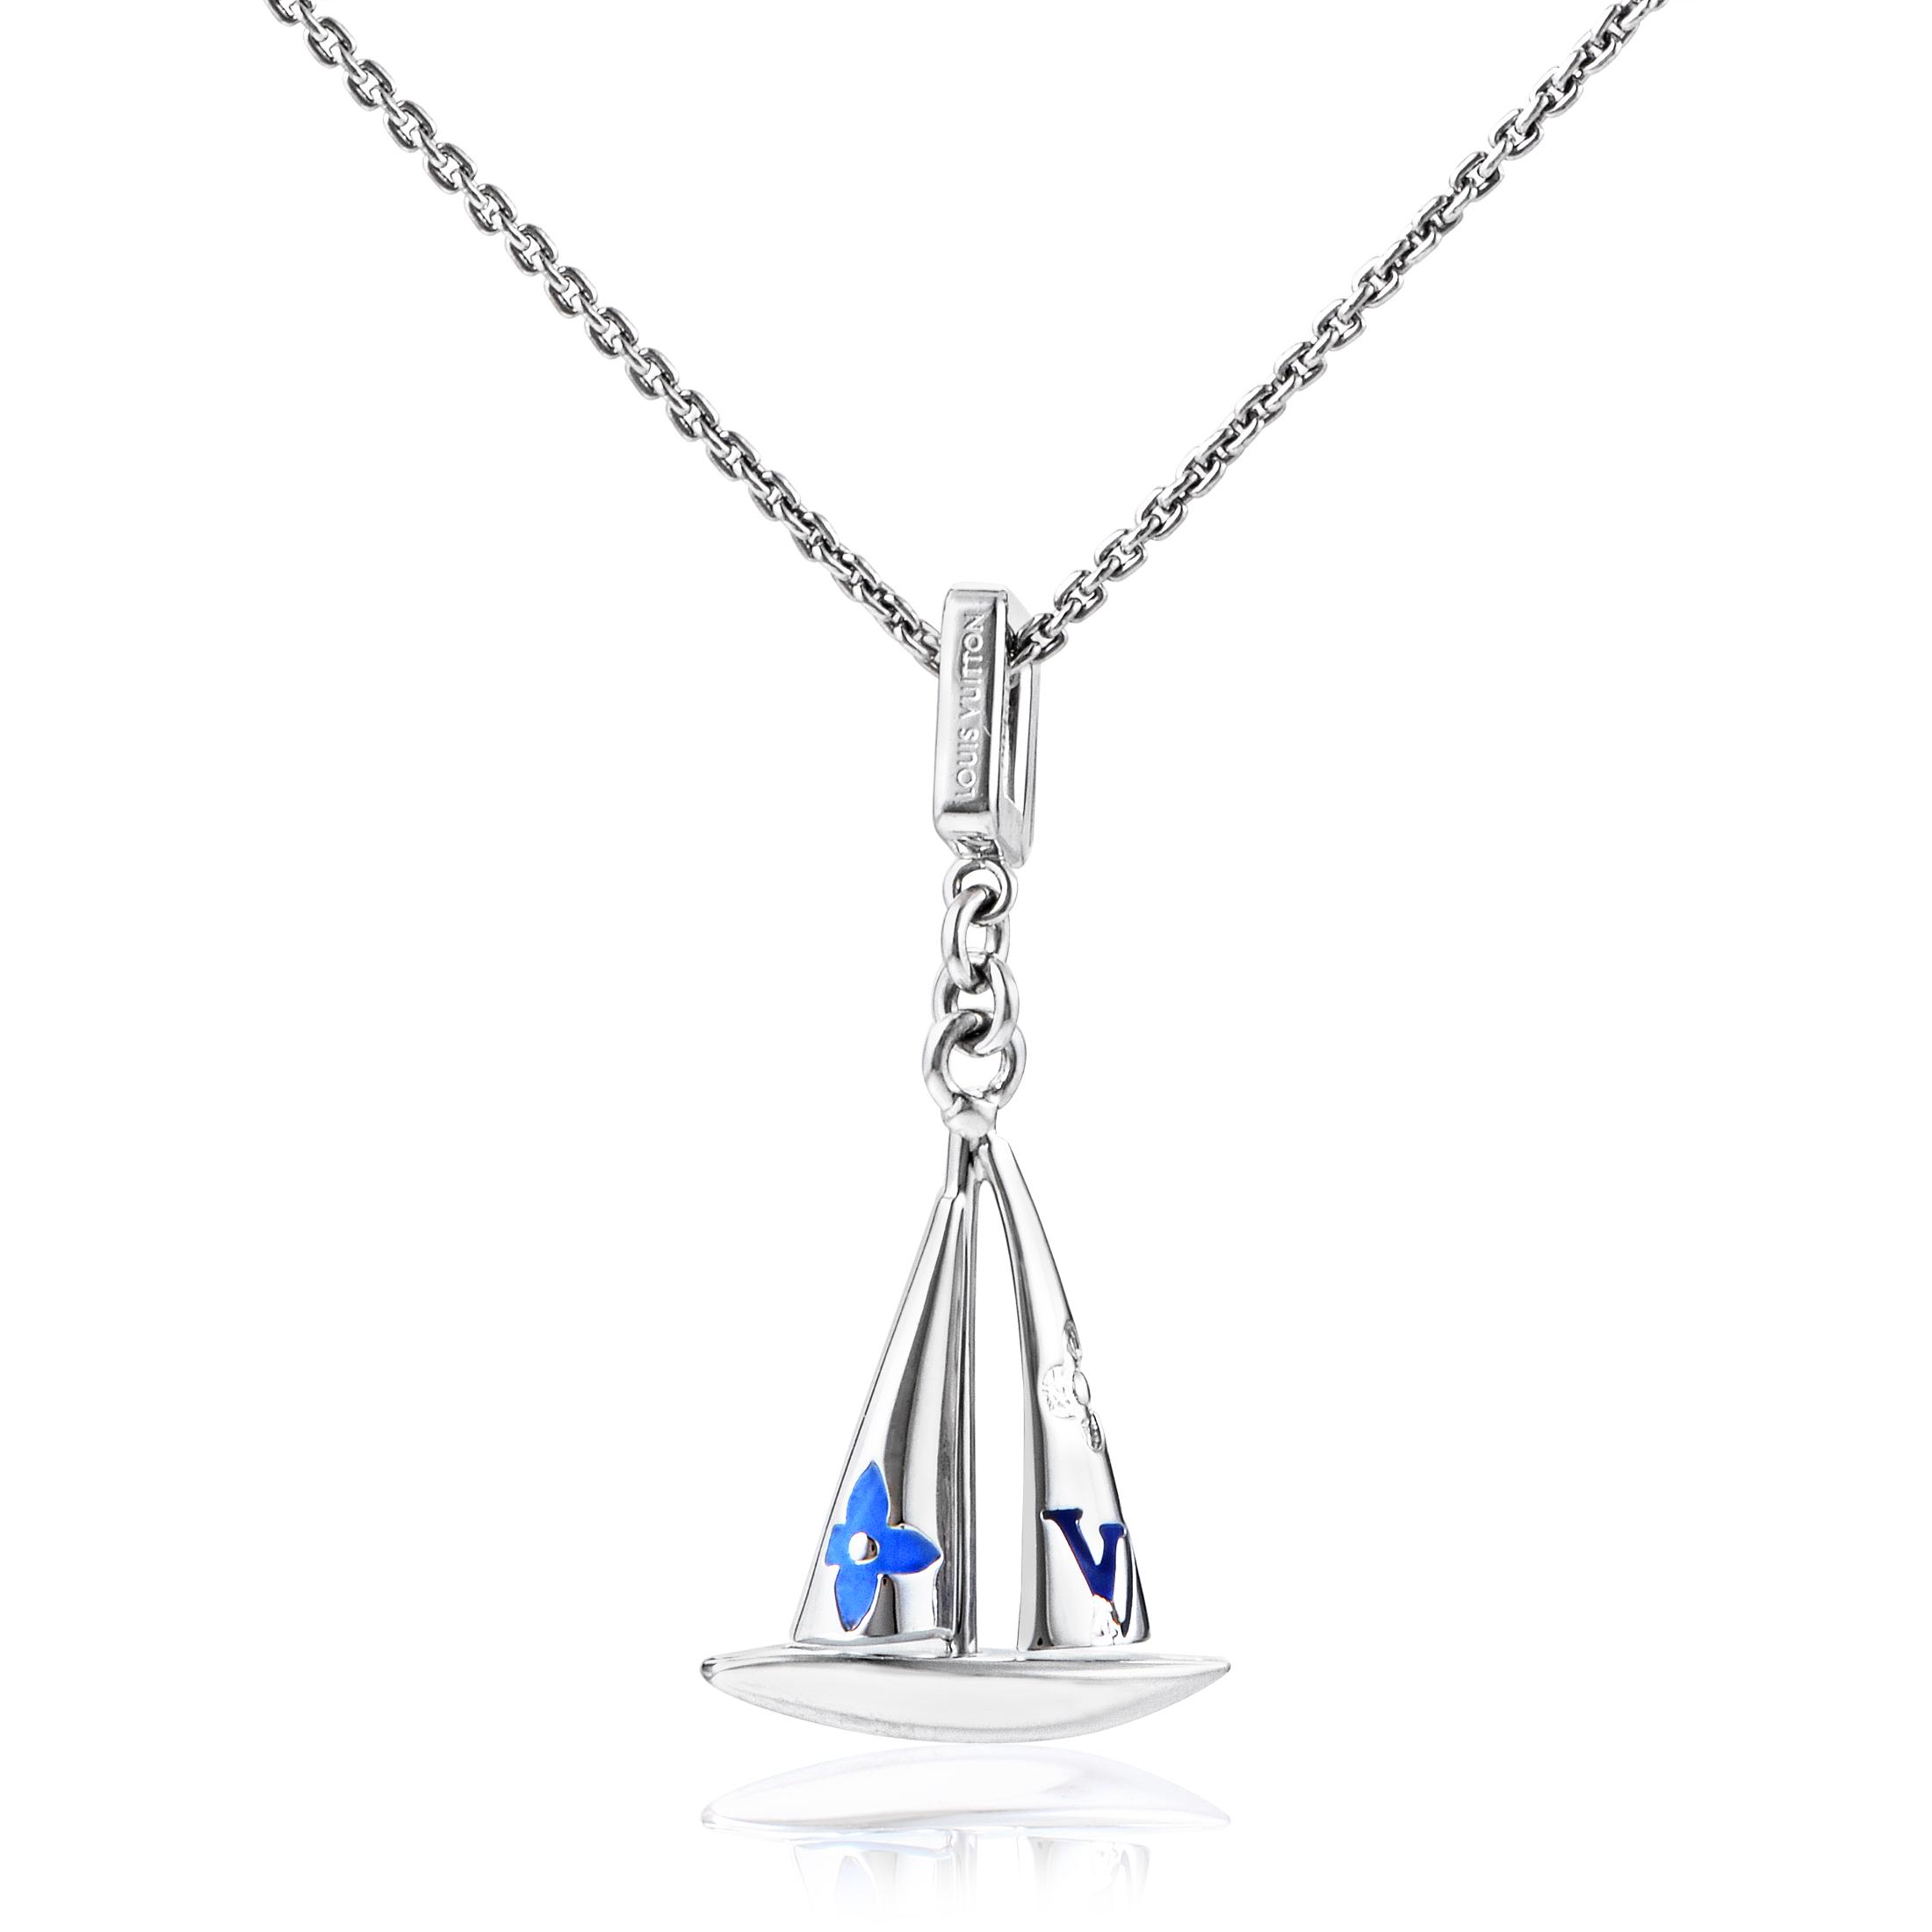 Louis Vuitton Women's 18K White Gold Sailboat Pendant Necklace